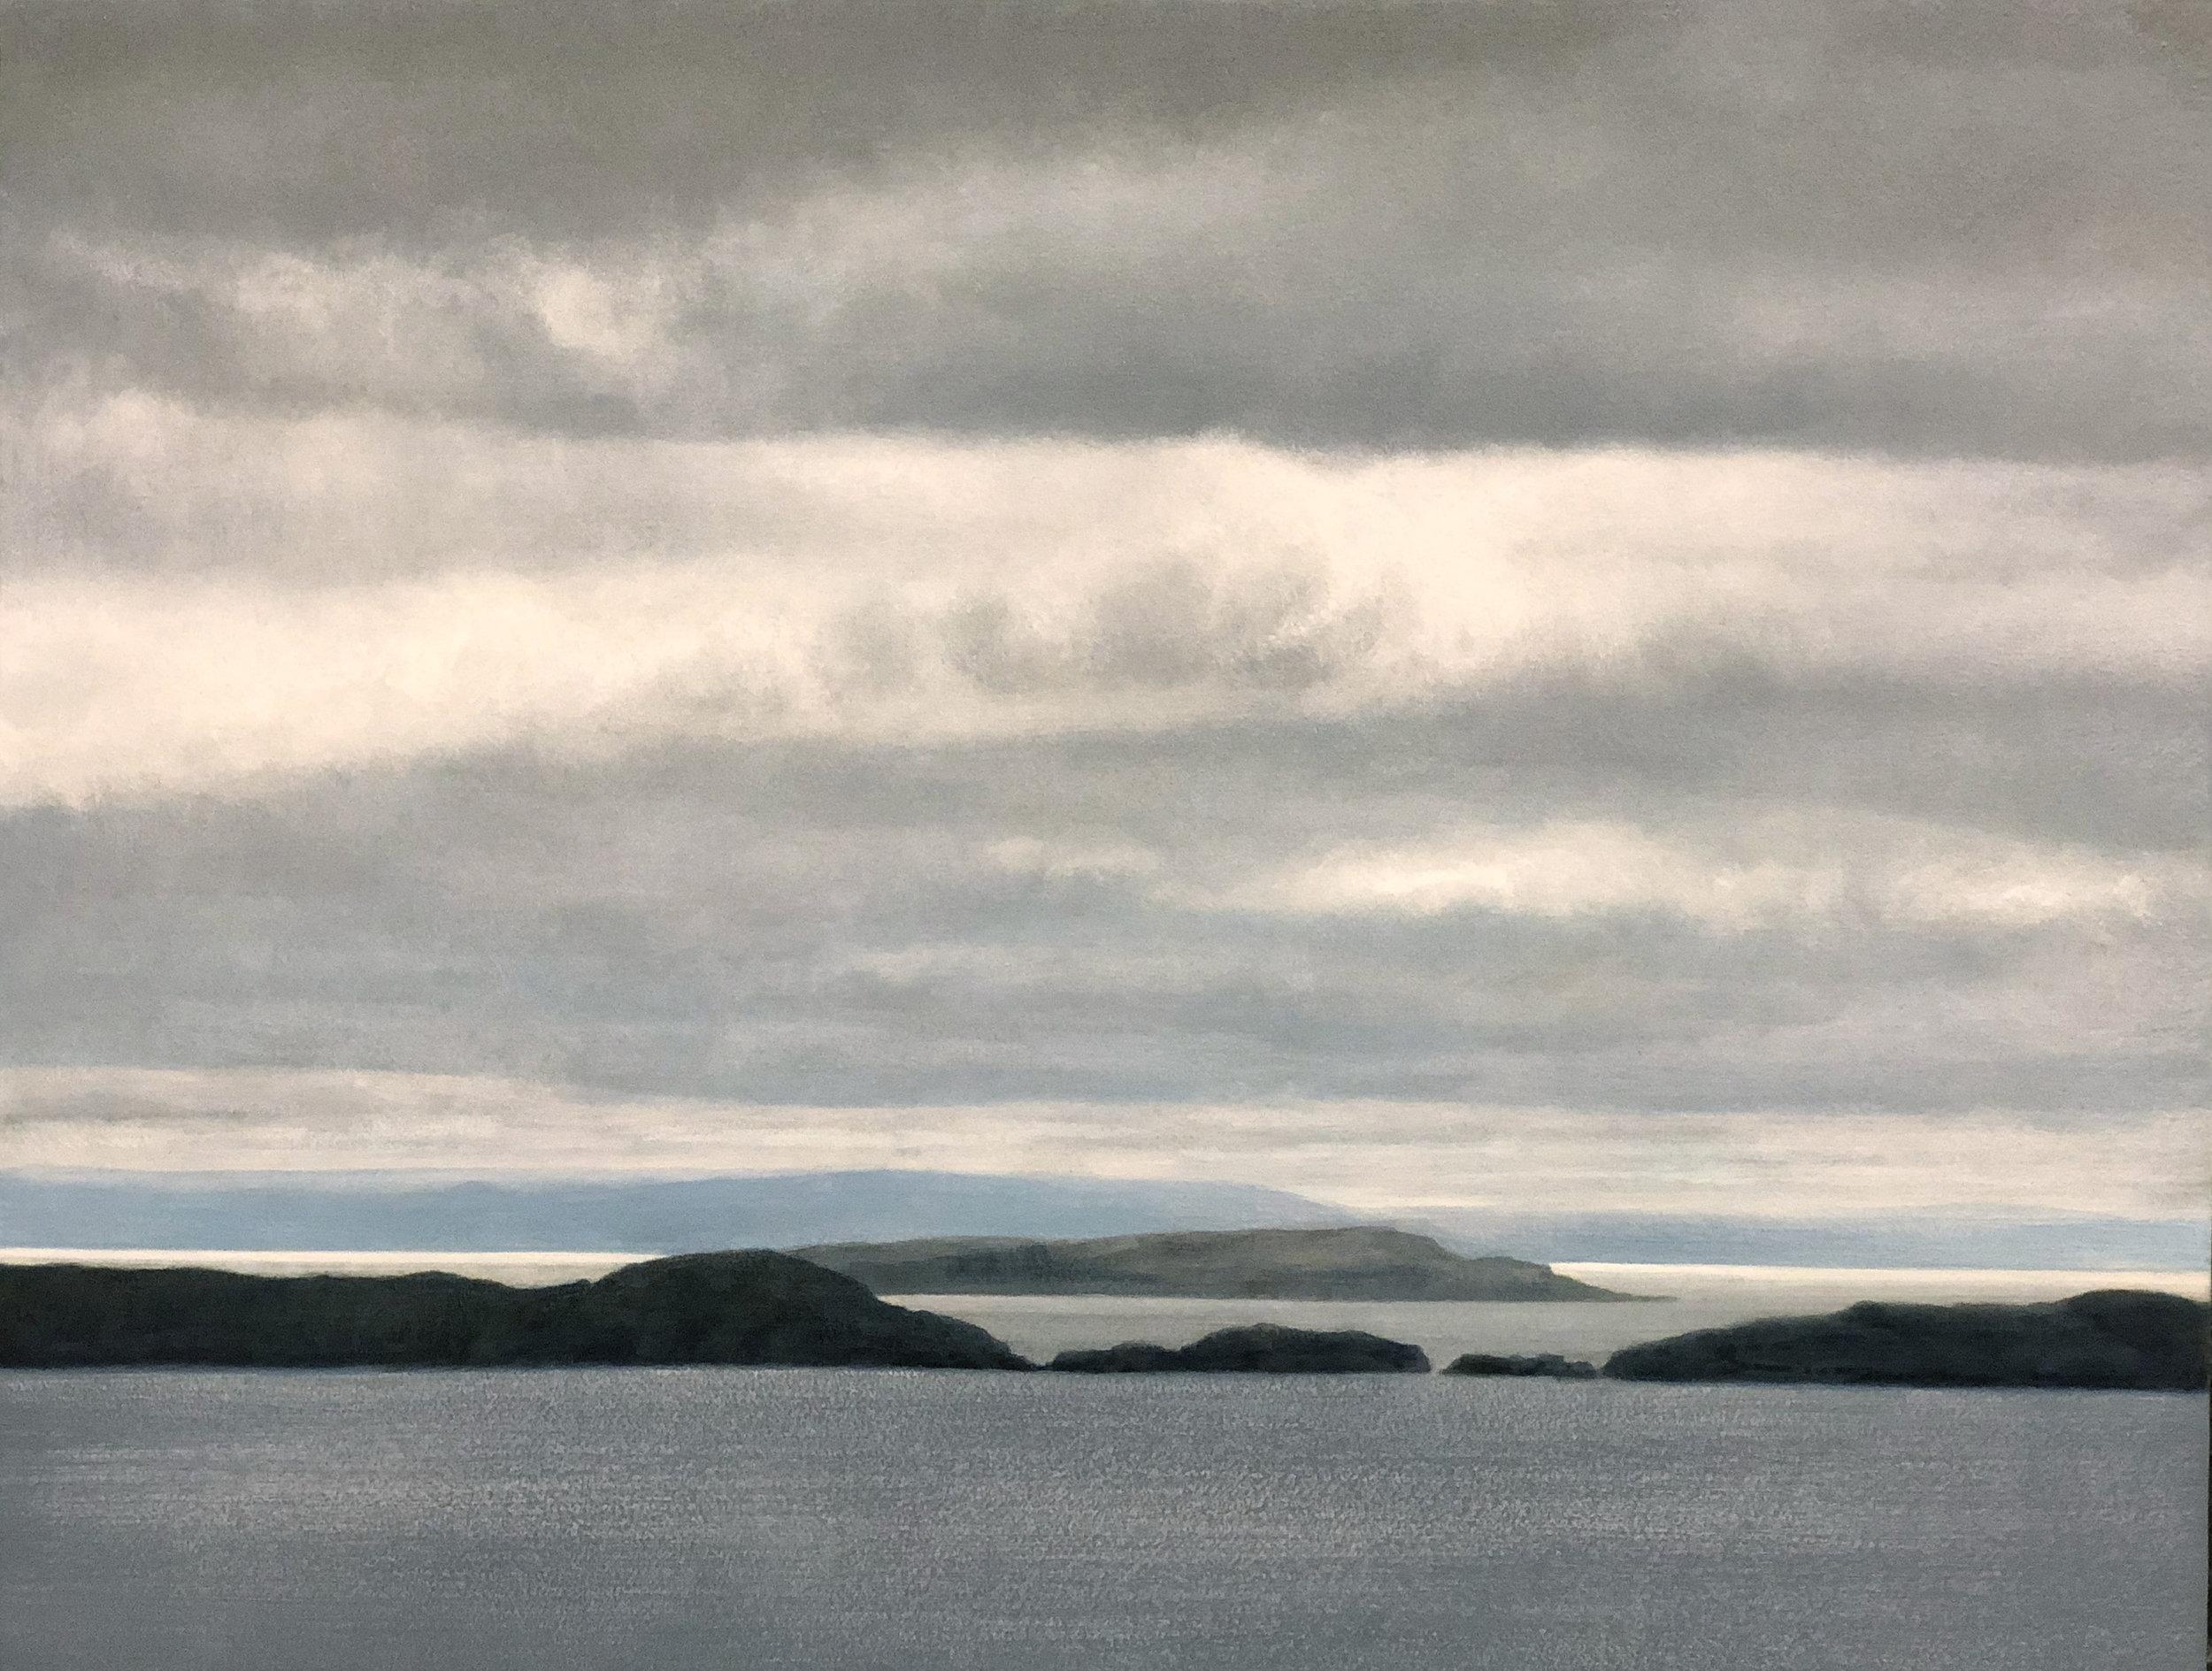 Ragged Islands, New Bonaventure, NL by Craig Guthrie